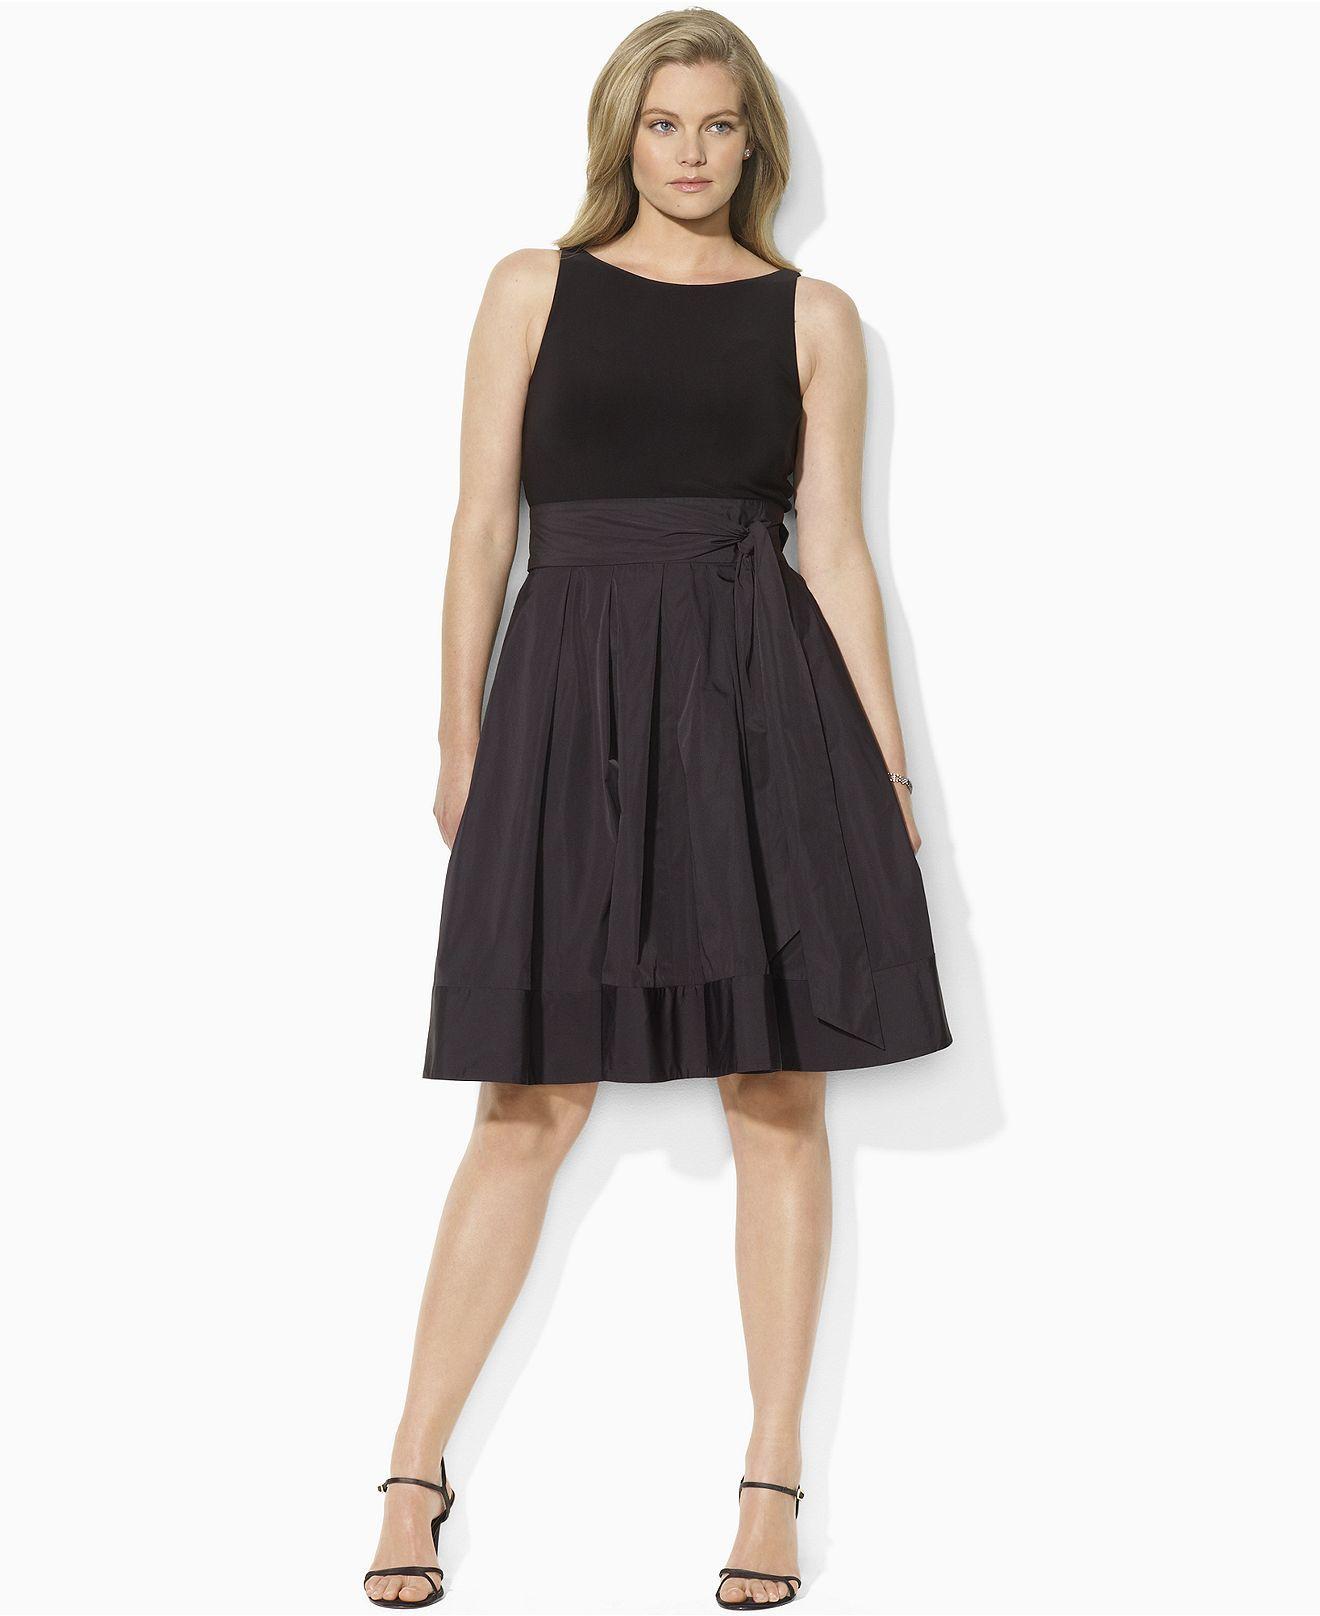 Lauren By Ralph Lauren Plus Size Dress Pleated Cocktail Dress